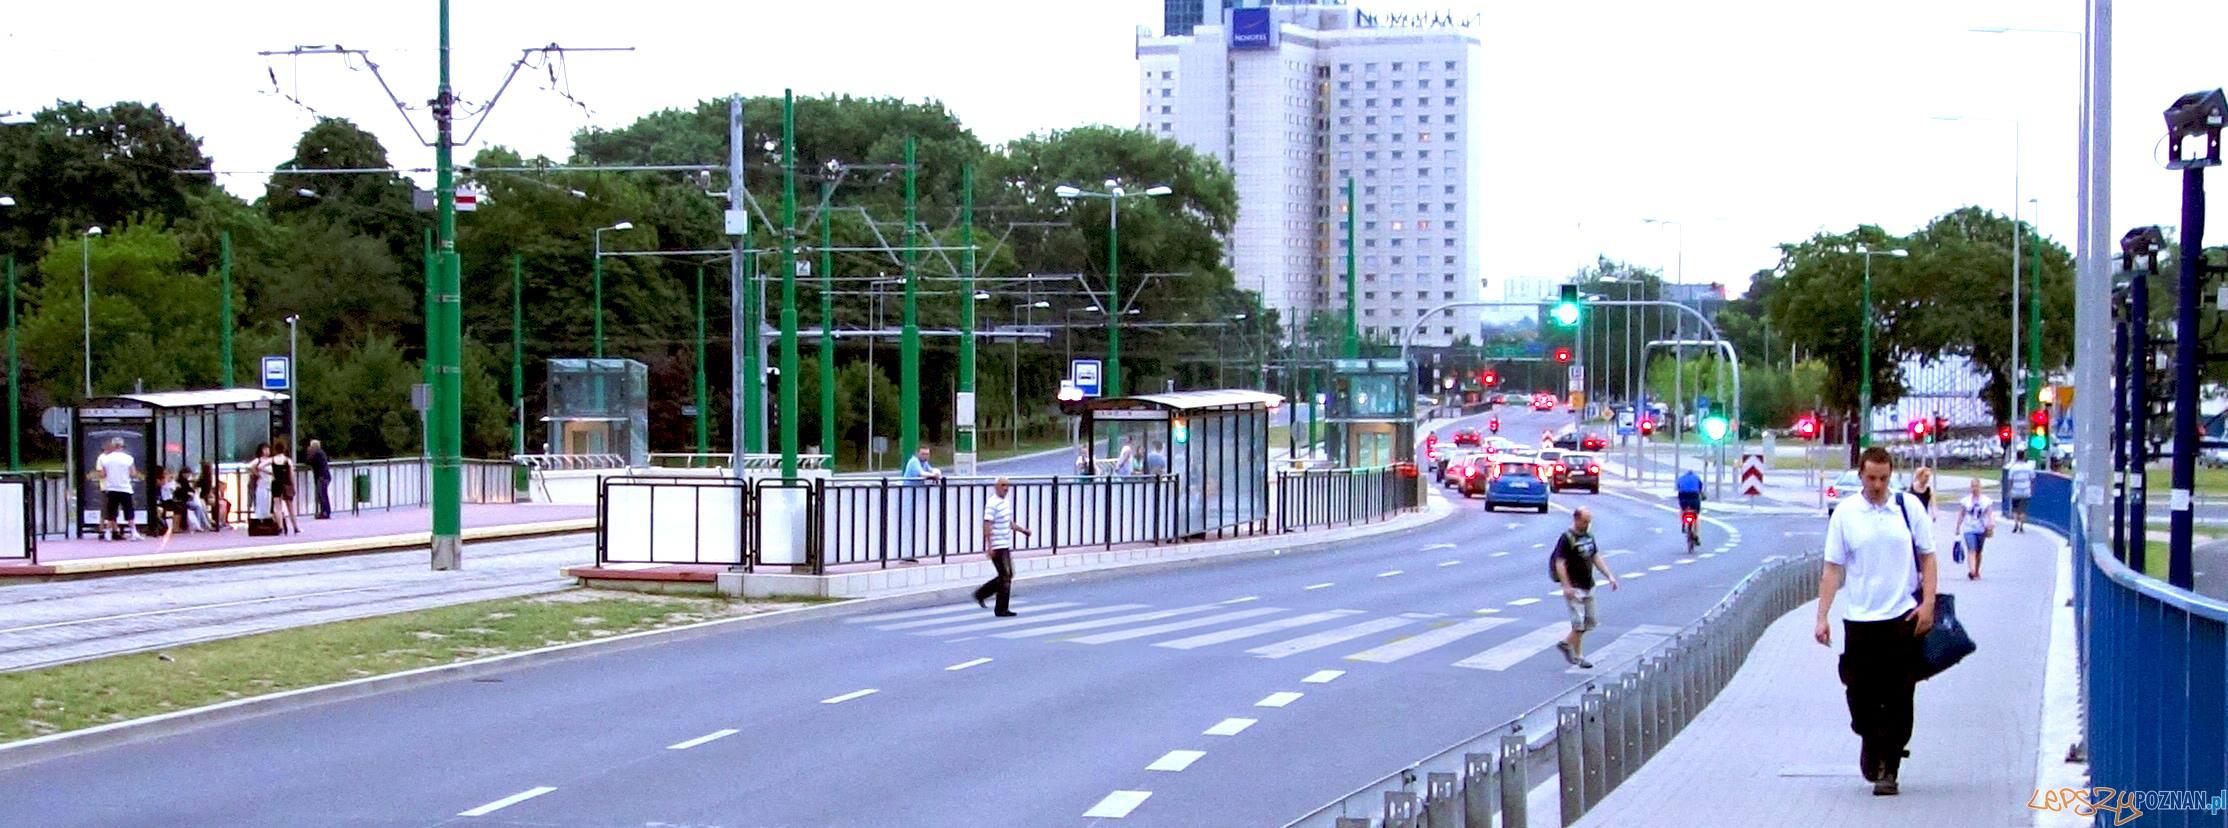 Najkrótsza droga na dworzec  Foto: facebook / Prawo do Miasta